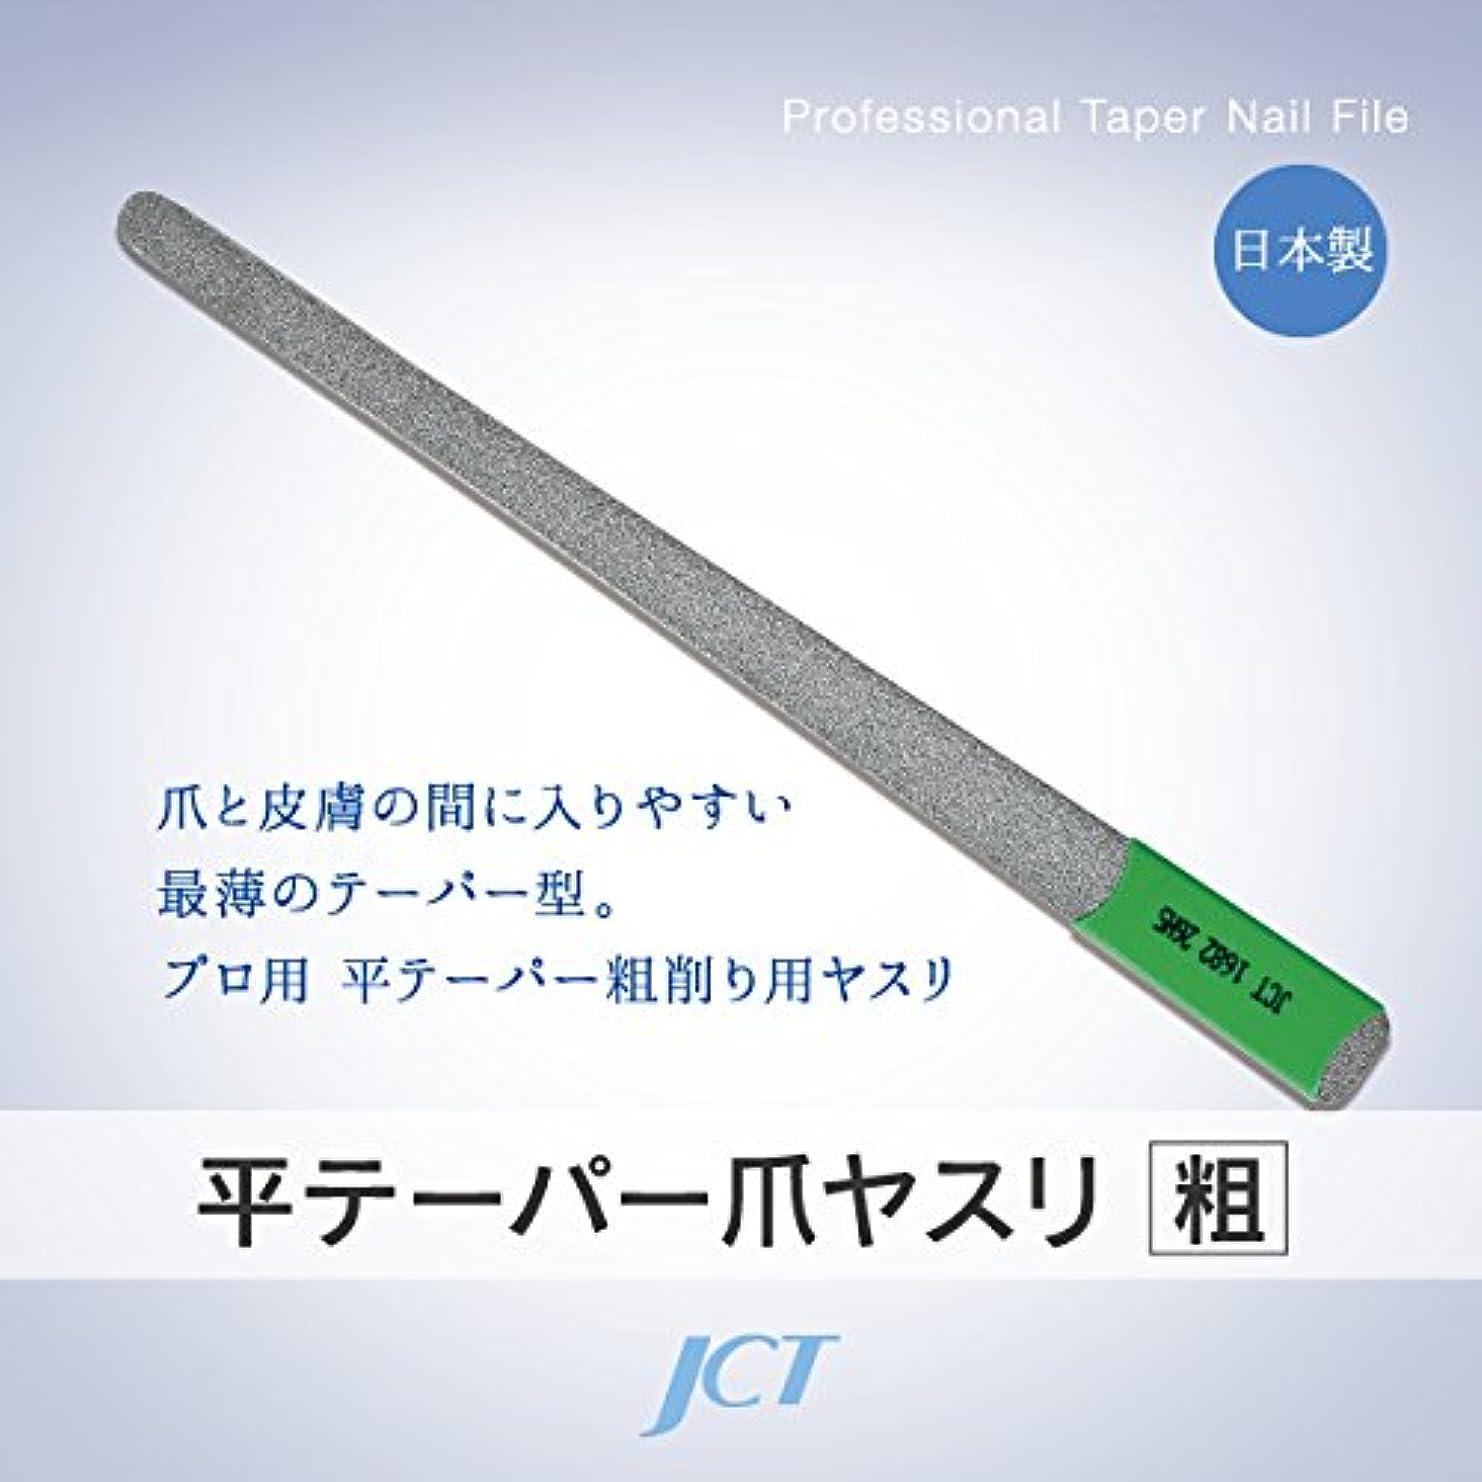 新しい意味銃対抗JCT メディカル フットケア ダイヤモンド平テーパー爪ヤスリ(粗) 滅菌可 日本製 1年間保証付